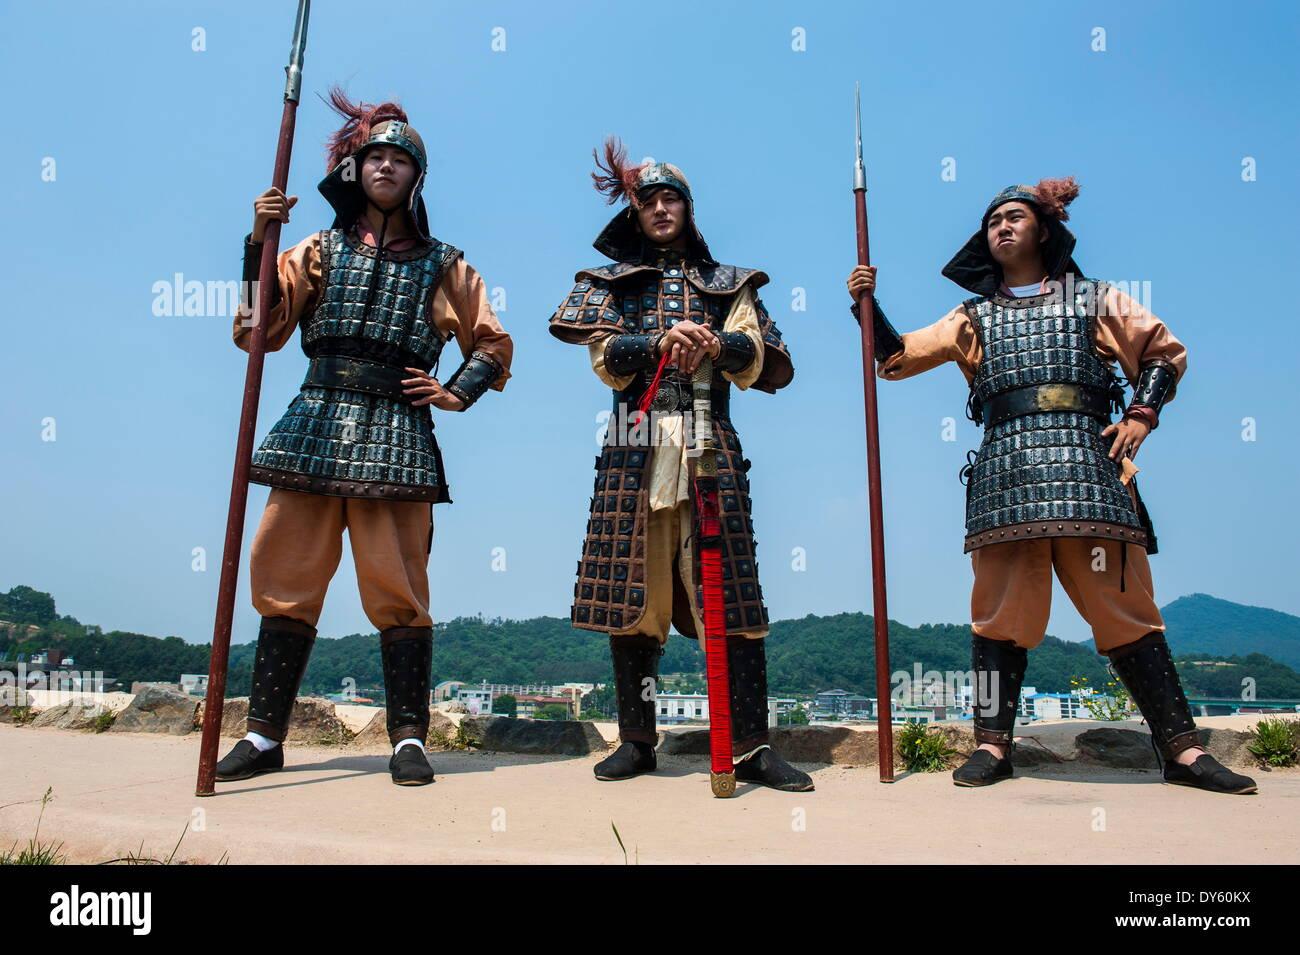 Los guardias de la ceremonia de cambio de guardia, Gongsanseong Castillo, Gongju, provincia de Chungcheong del Sur, Corea del Sur Imagen De Stock